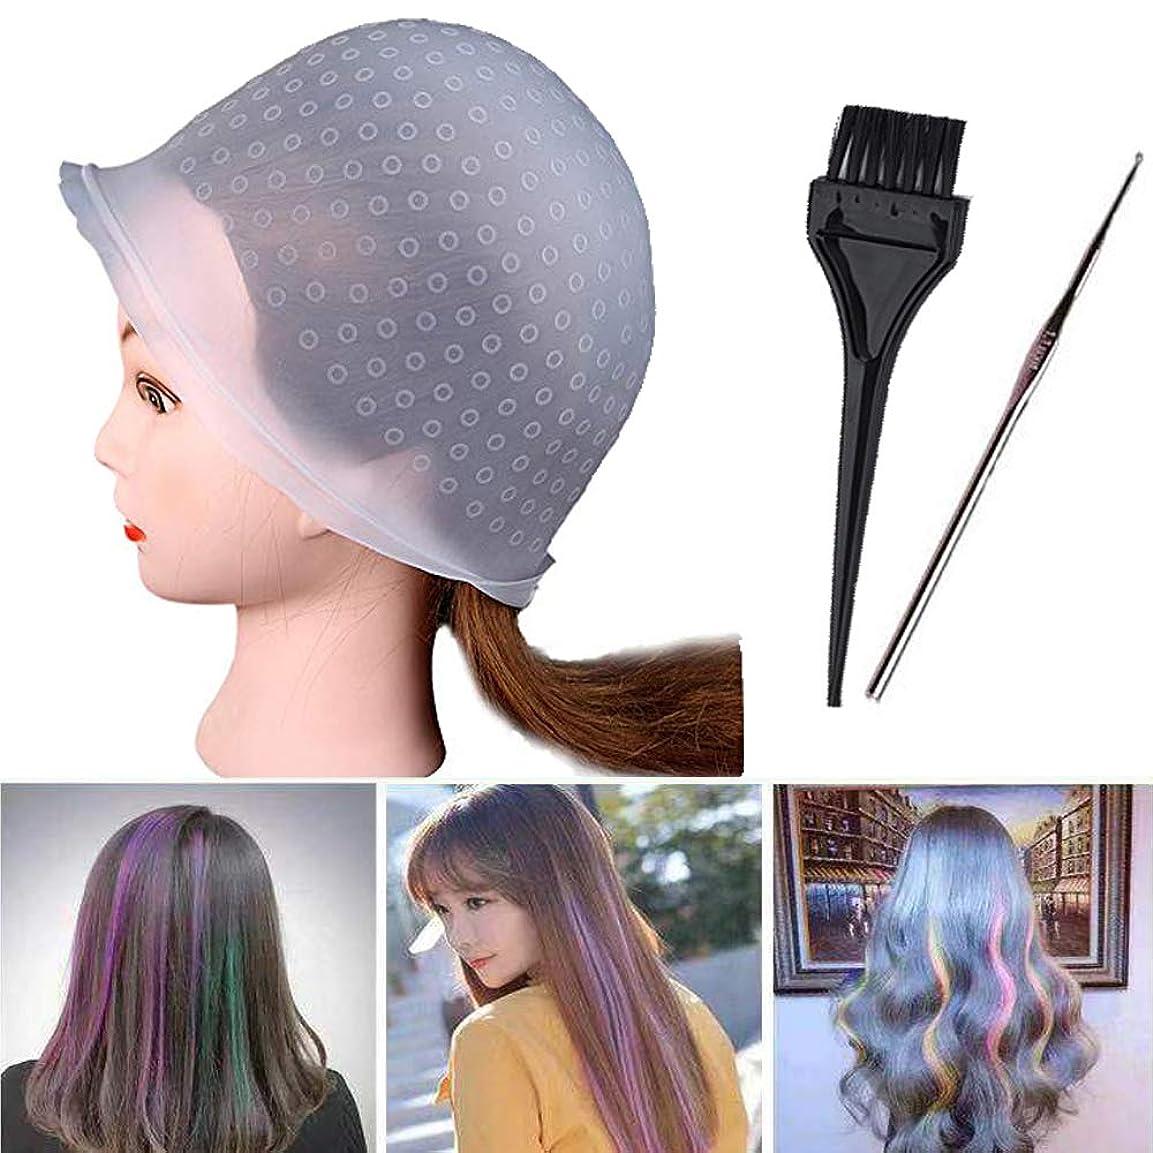 ギャロップ燃やす時刻表SHKI 毛染めキャップ 髪染め用ヘアキャップ シリコン製 ヘアカラーヘアキャップ 自宅でヘアカラーを楽しんで美容サロン仕様 棒とブラシ付き